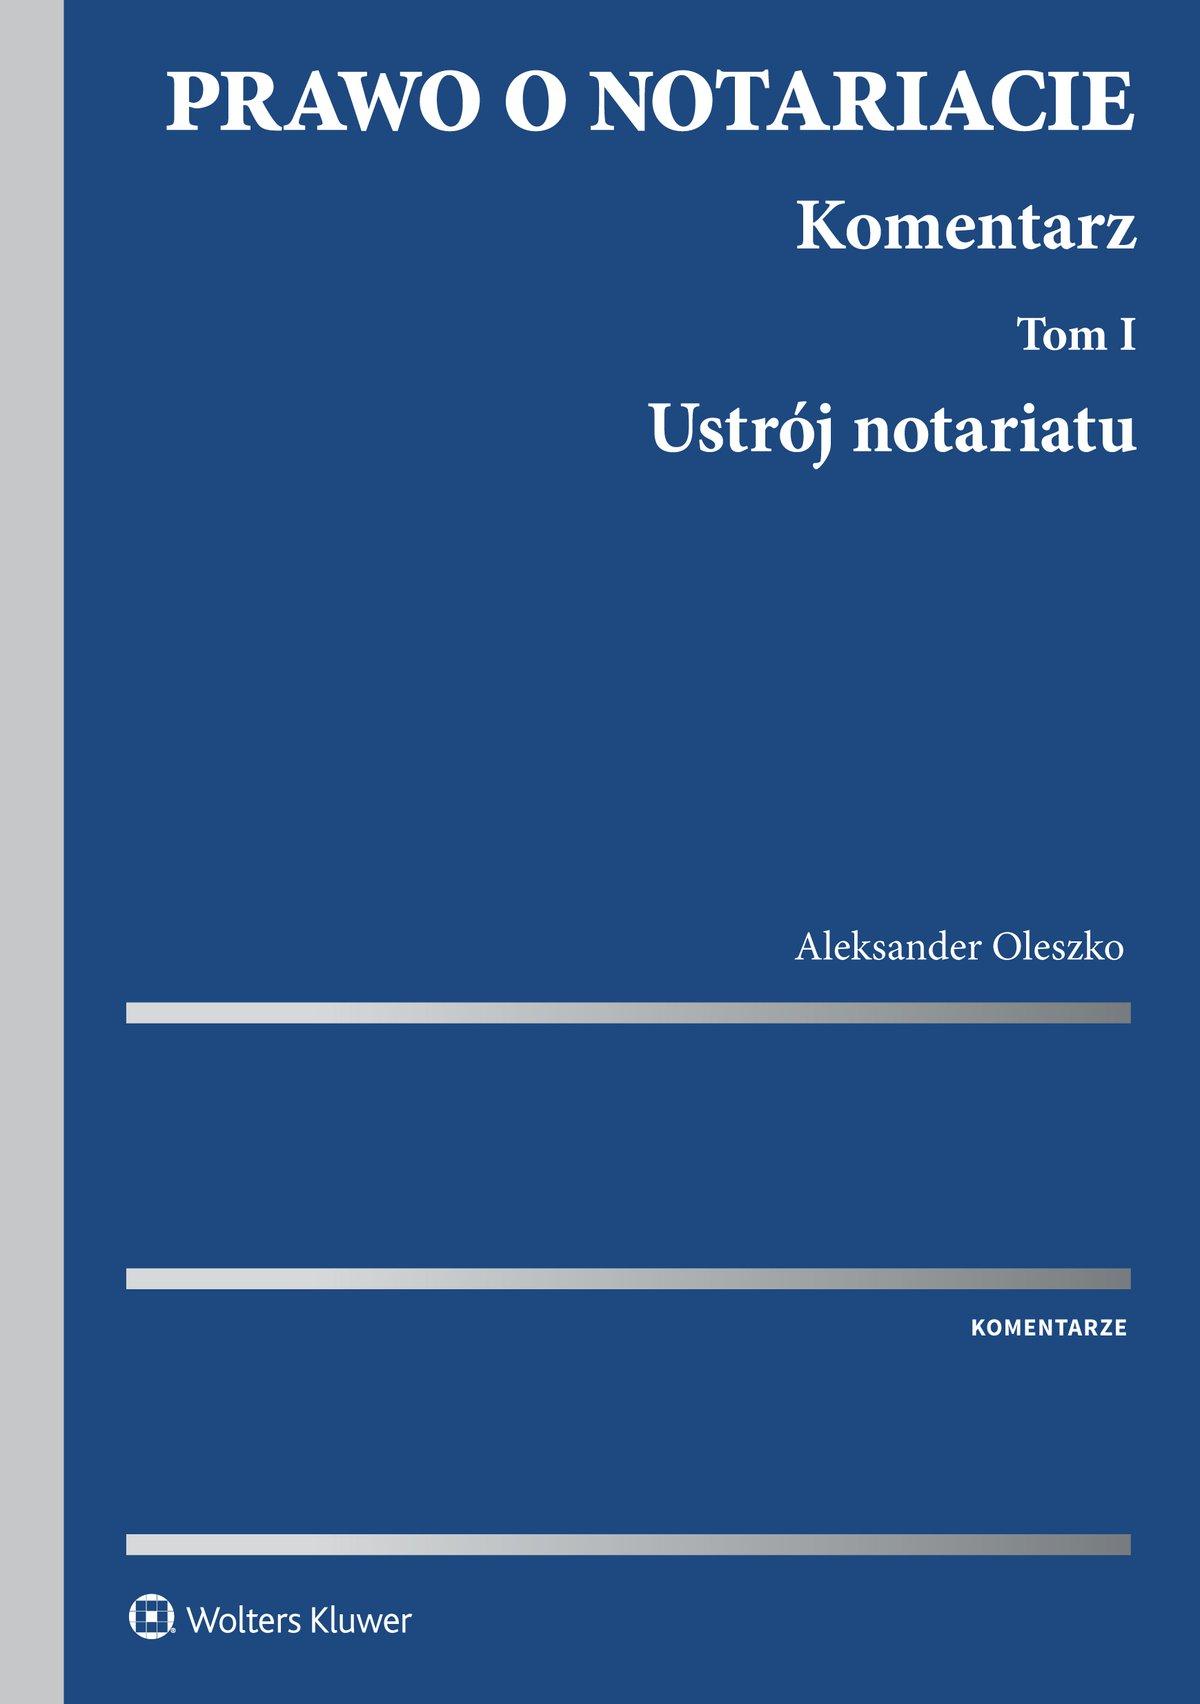 Prawo o notariacie. Komentarz. Tom I. Ustrój notariatu - Ebook (Książka EPUB) do pobrania w formacie EPUB